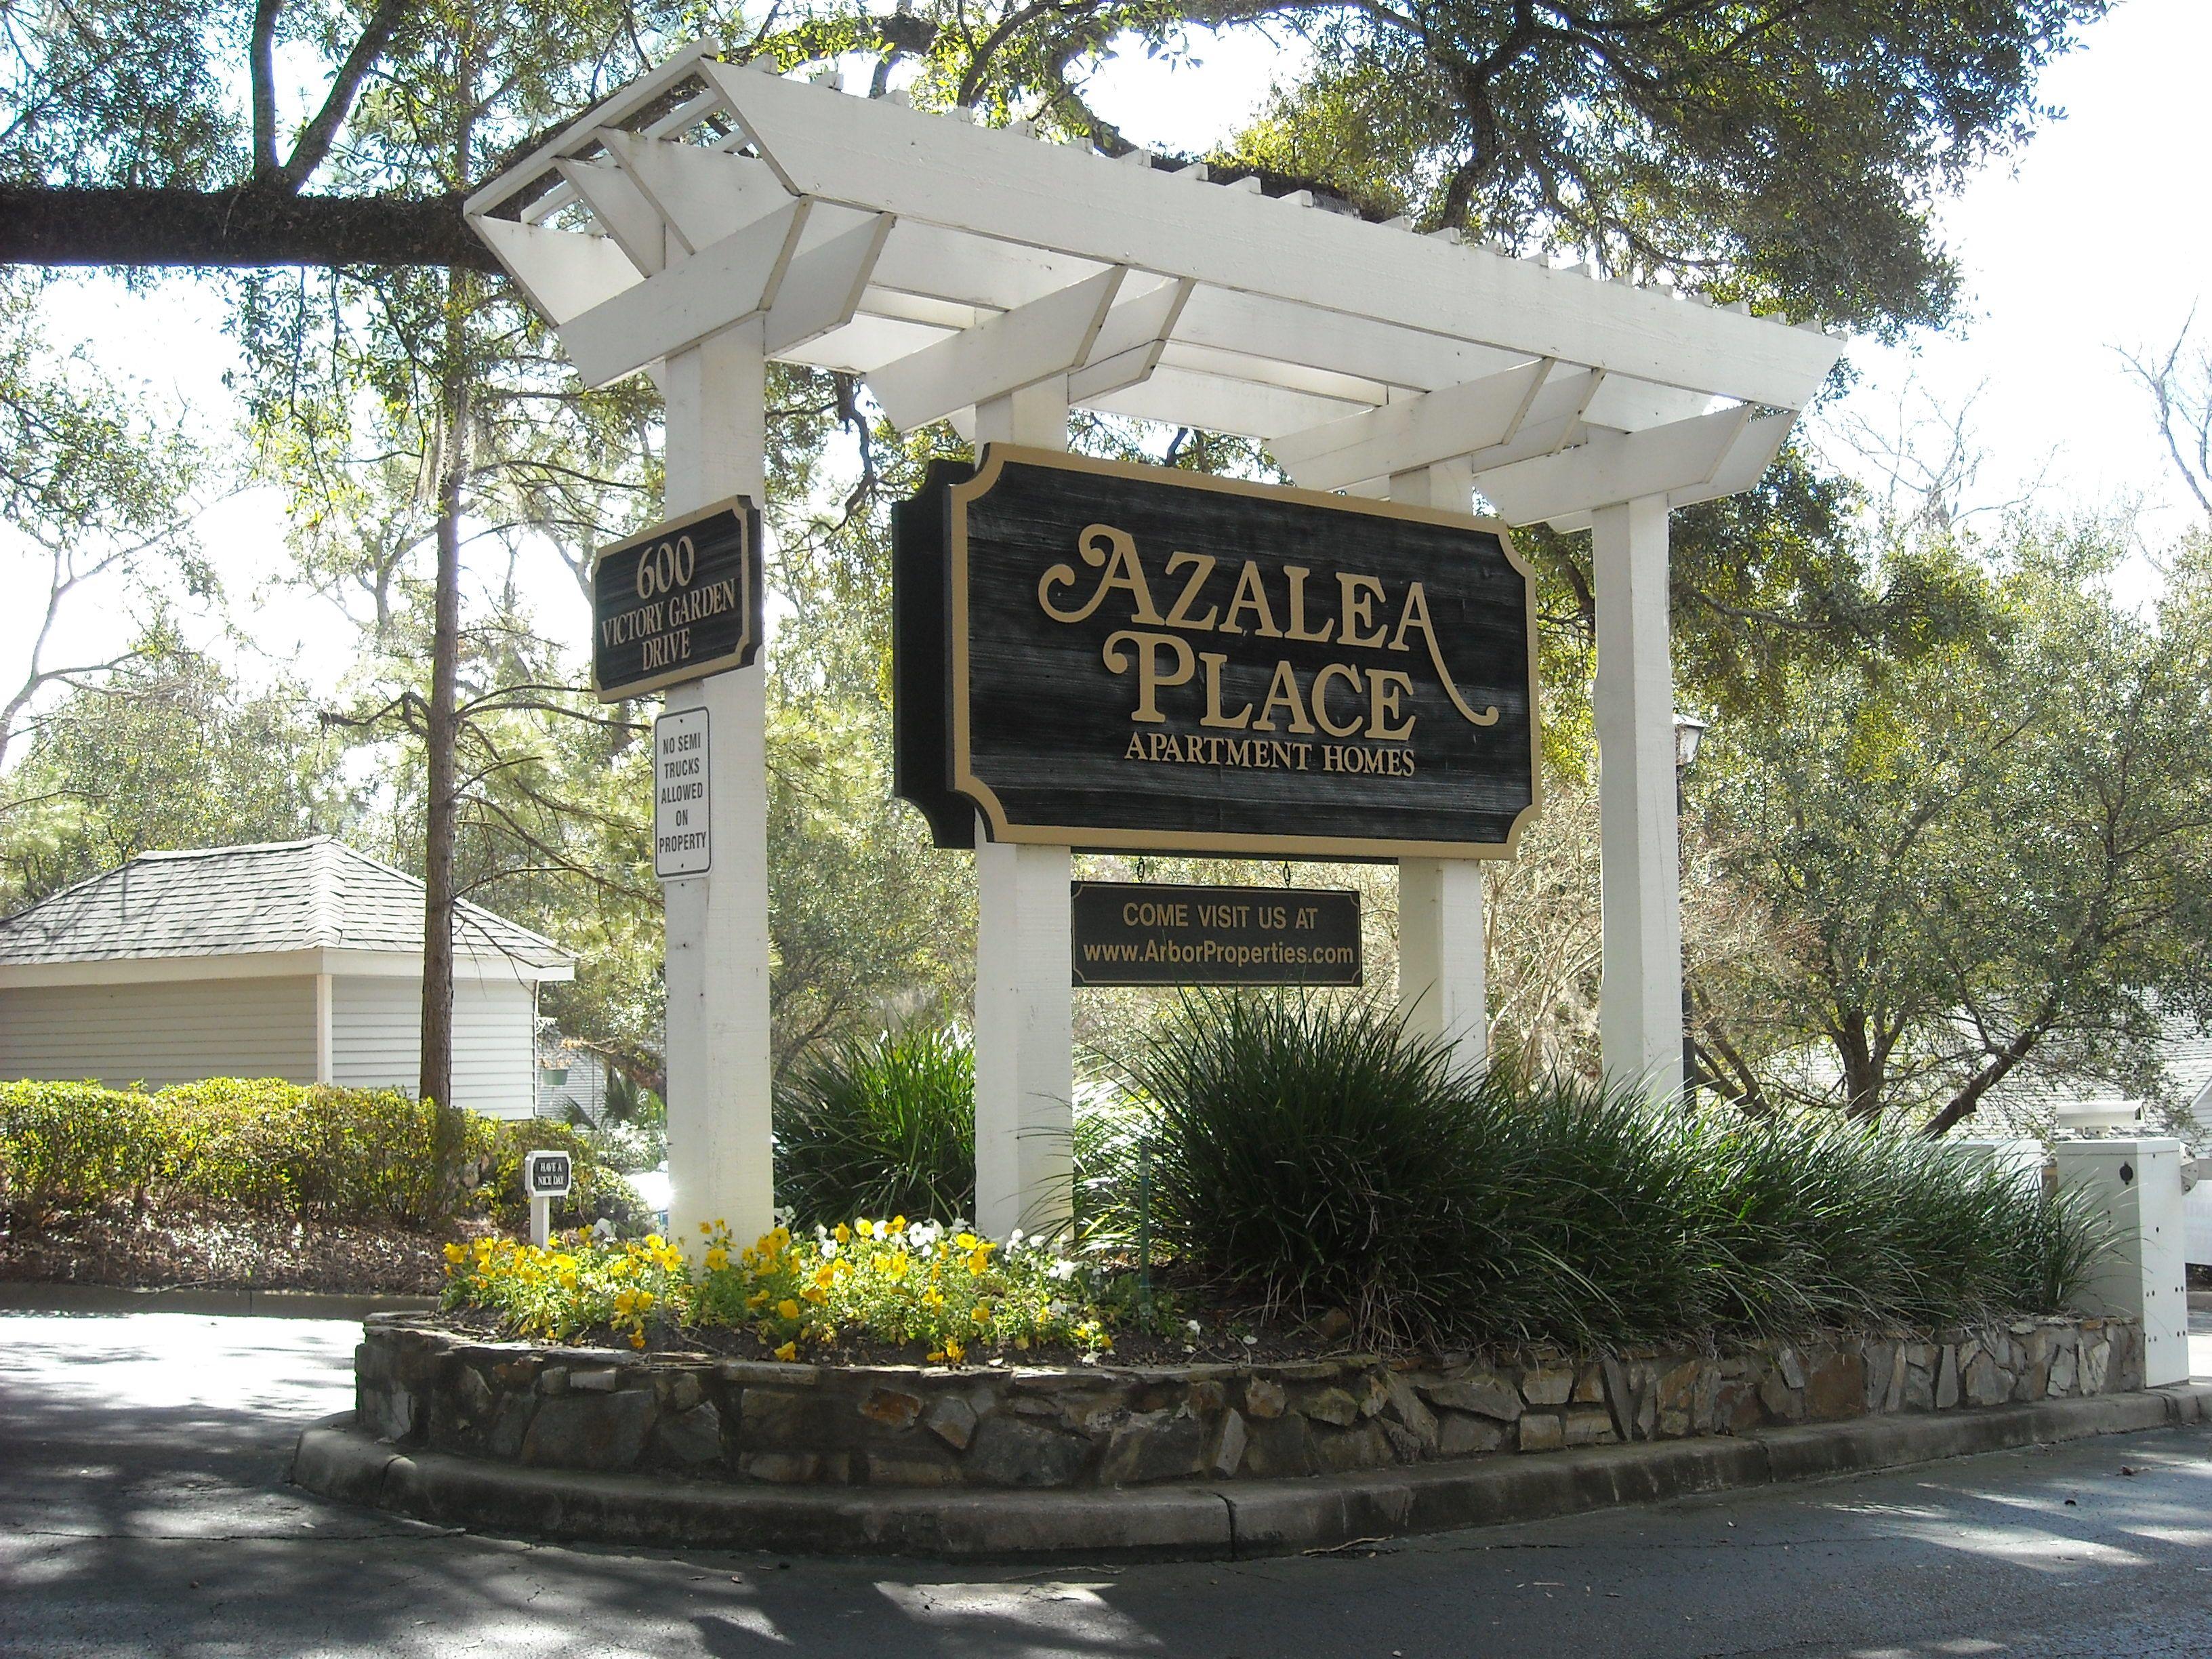 Park Art|My WordPress Blog_Azalea Garden Apartments Dunwoody Ga